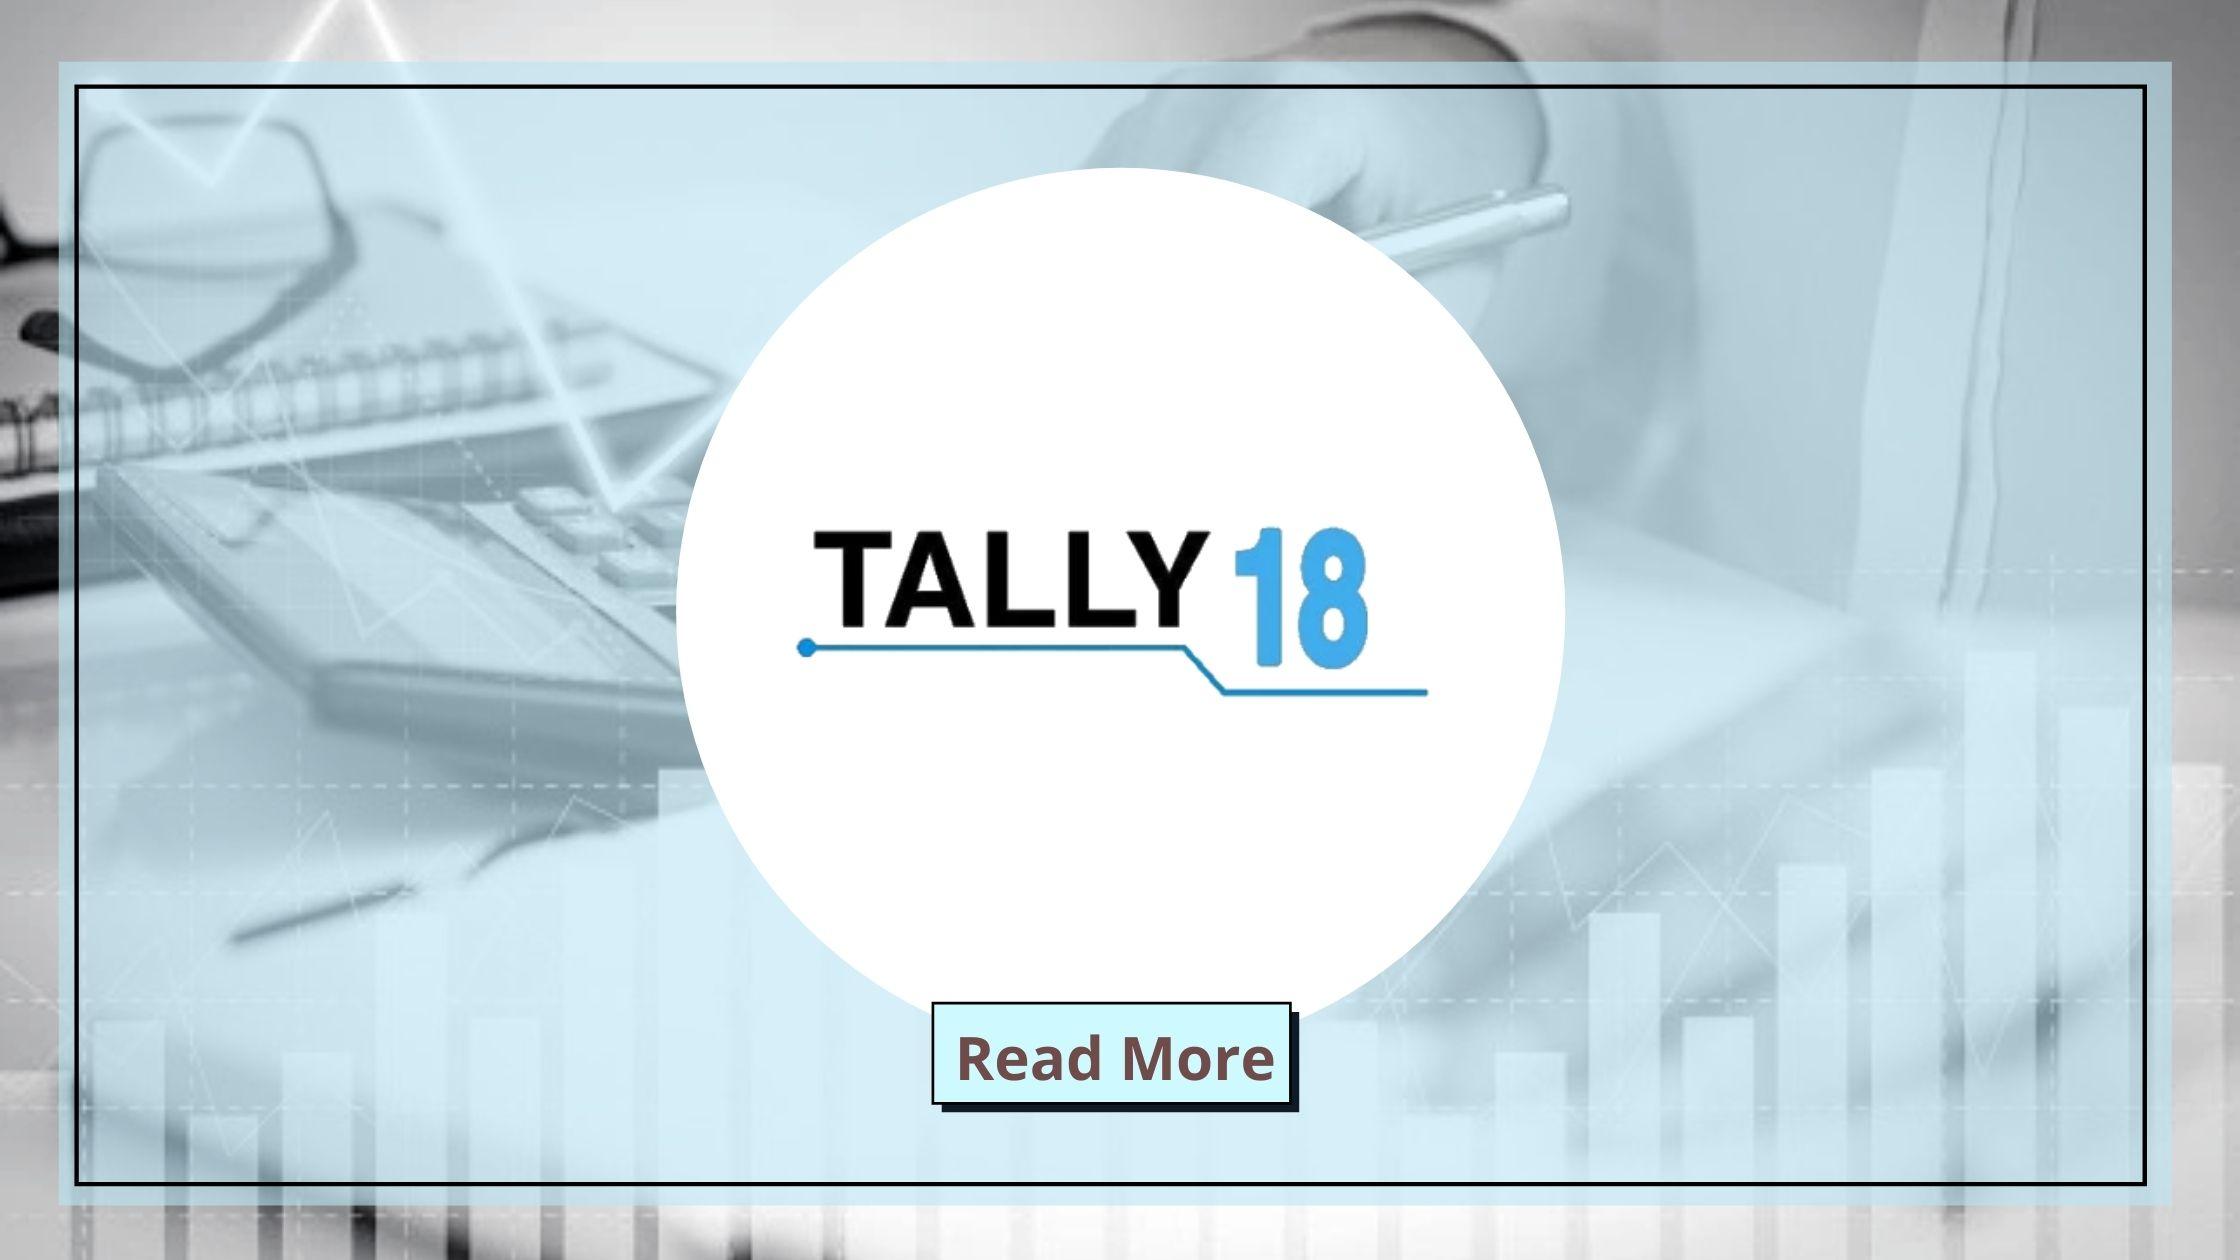 Tally 18